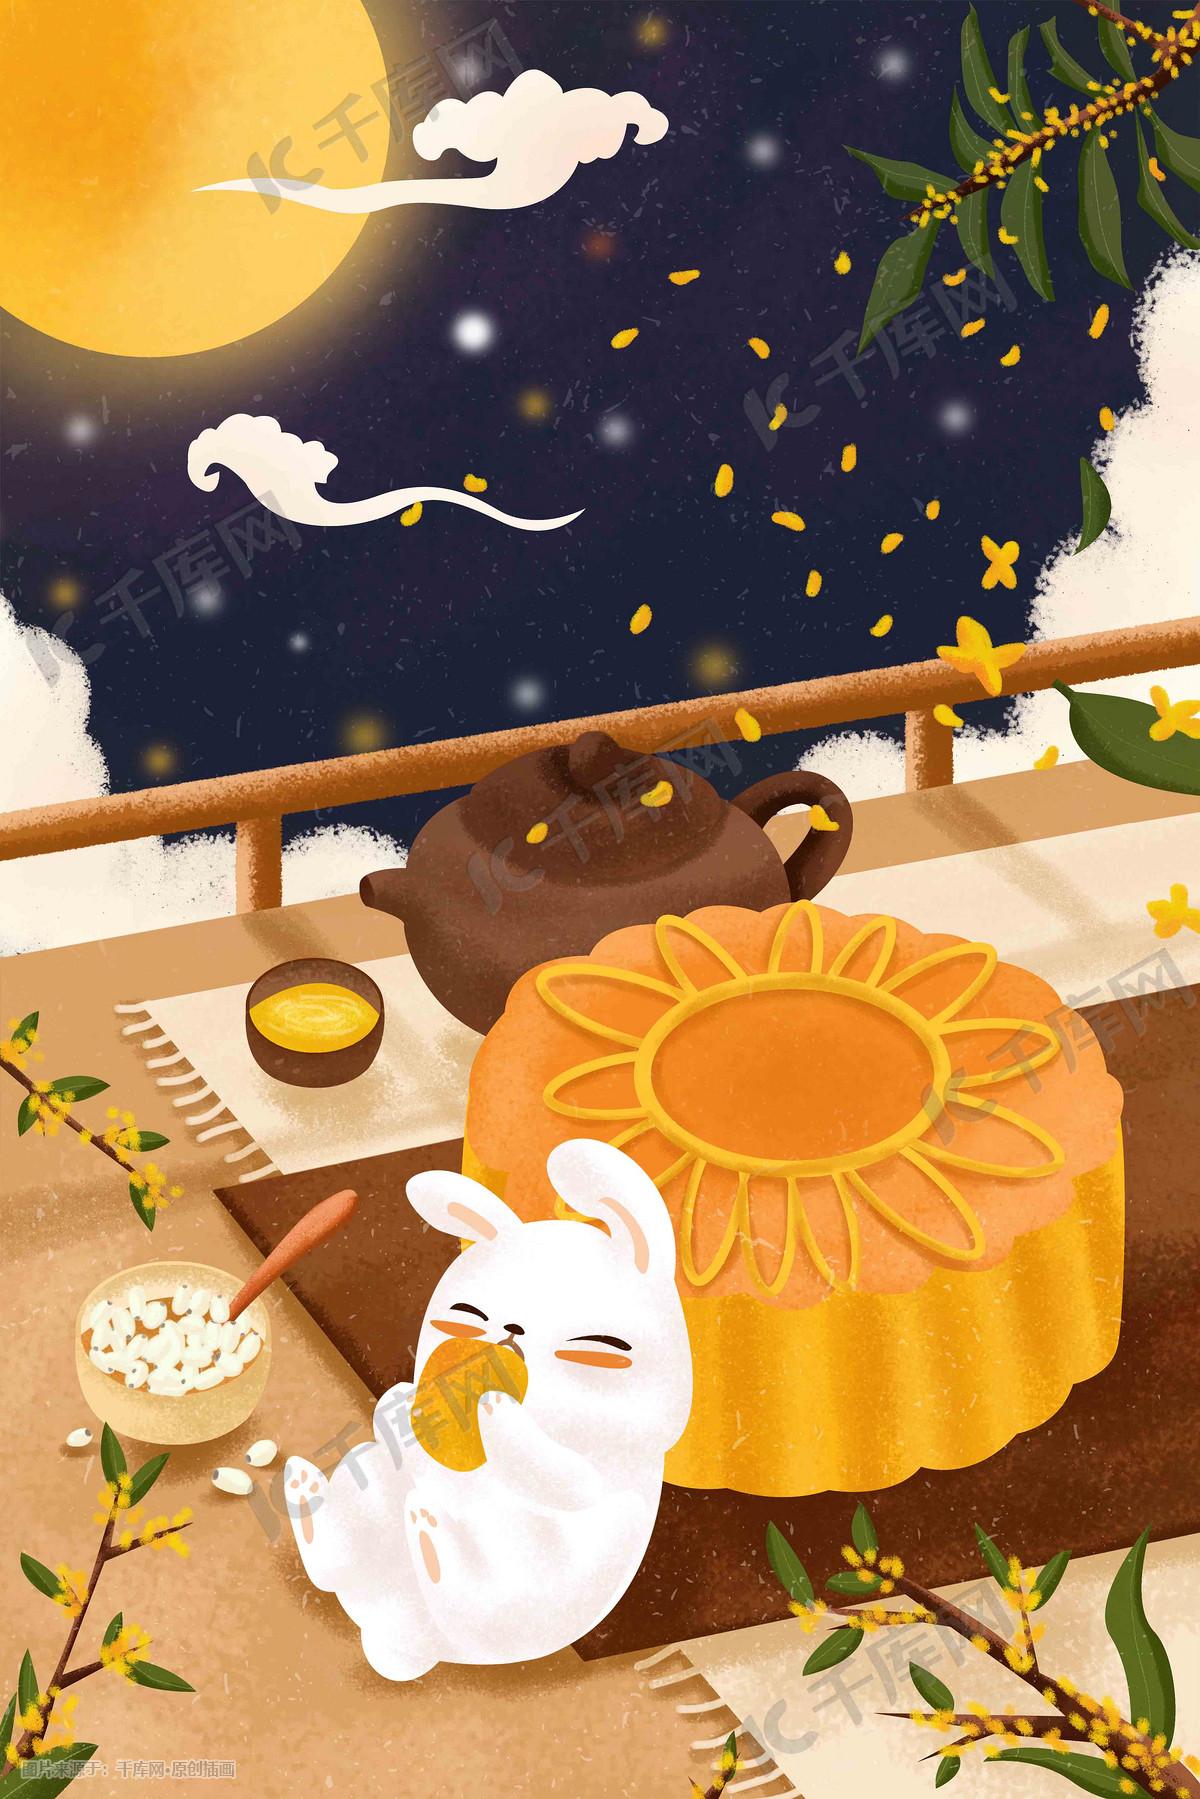 中秋节中秋月饼节日月亮兔子